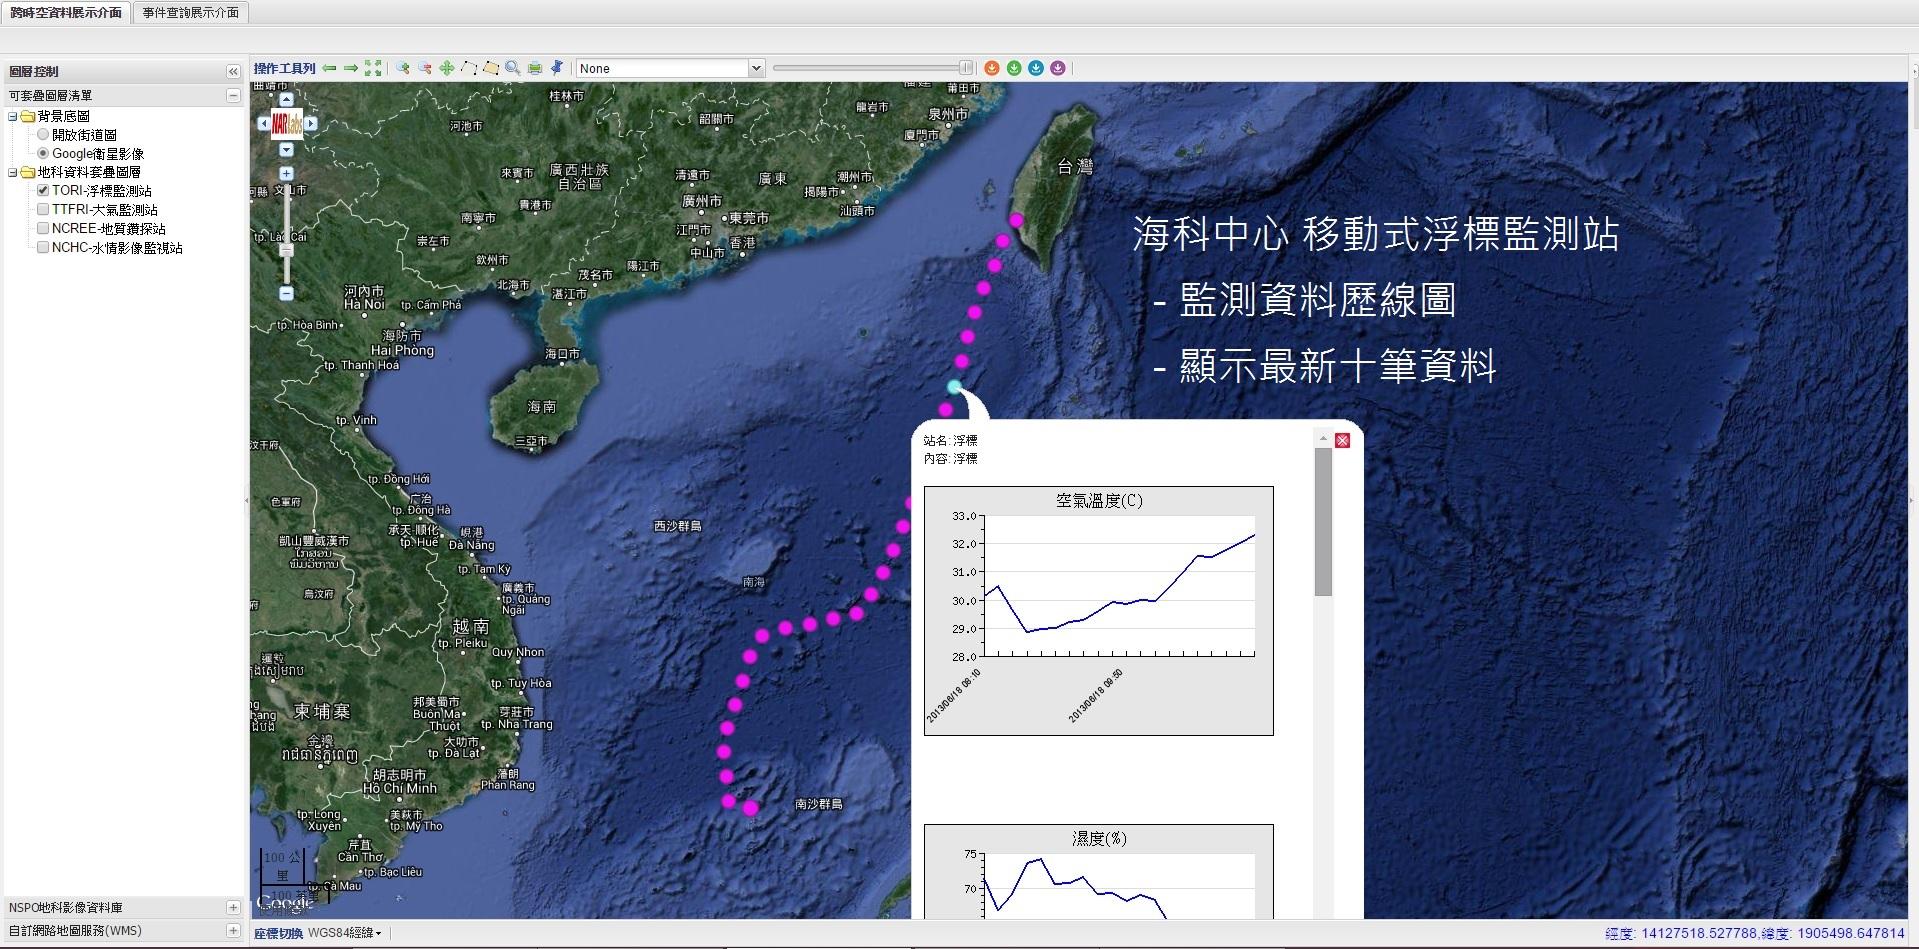 【demo4】海科浮標資料展示